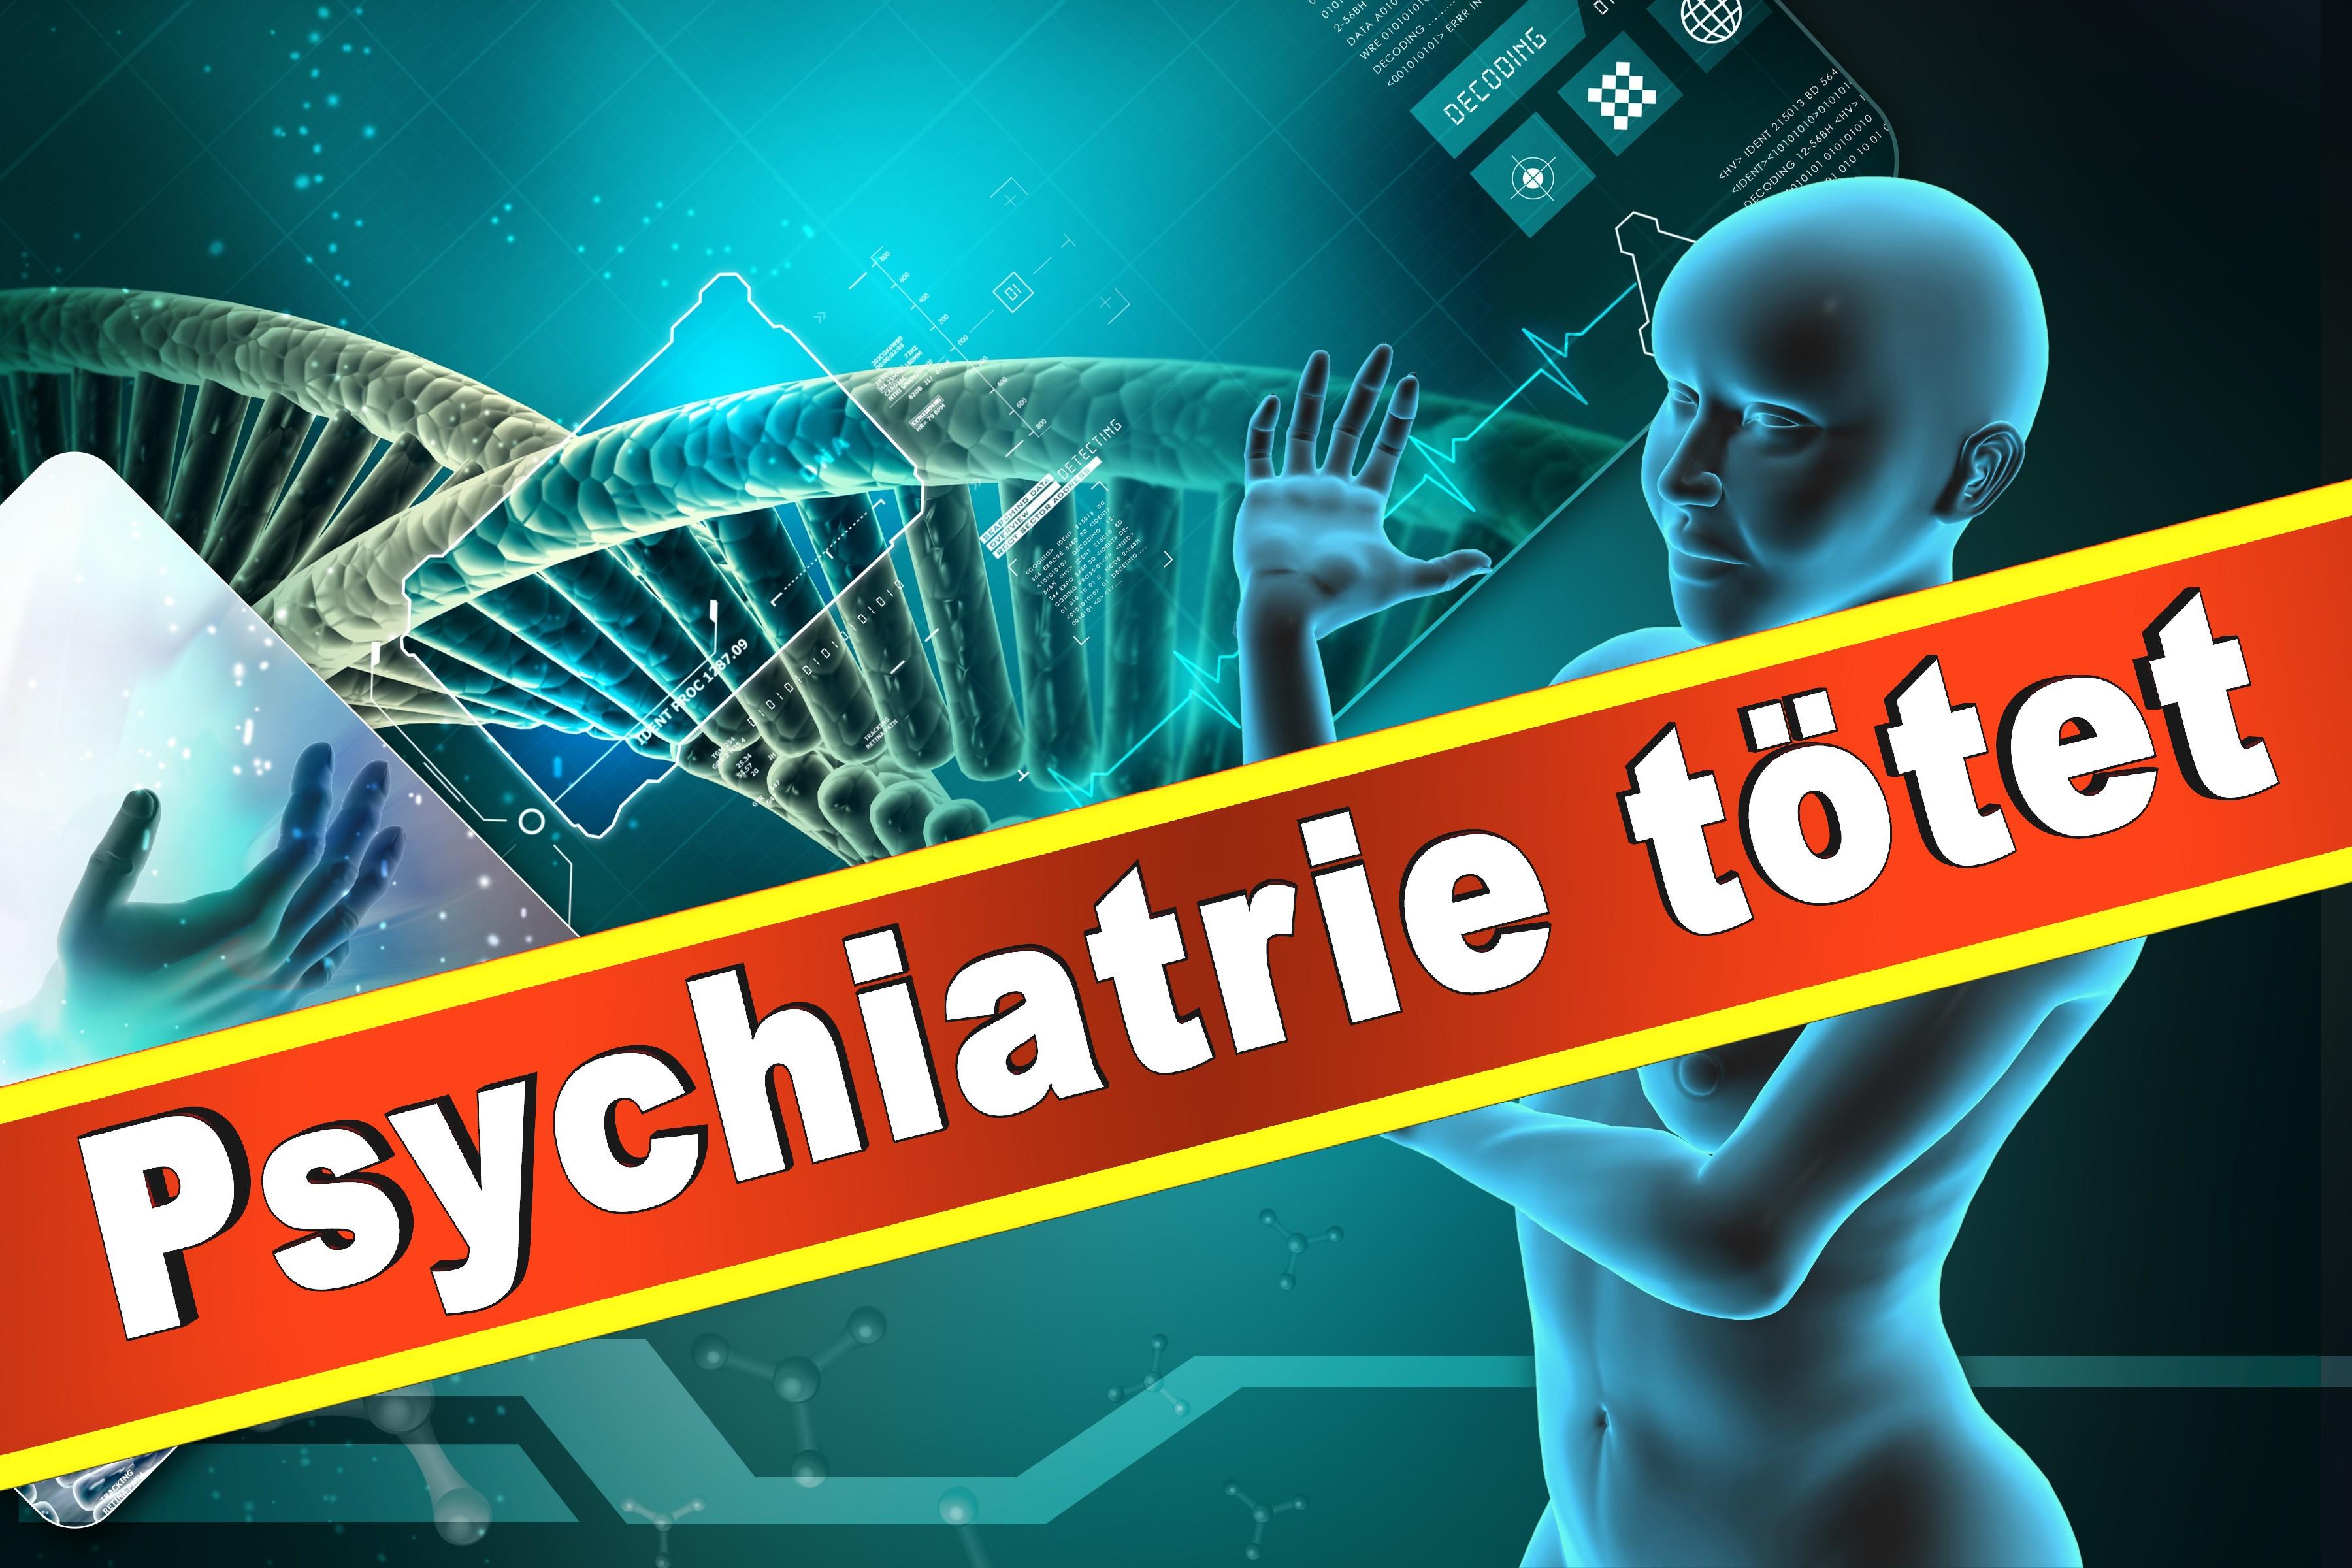 Carl Ernst Von Schönfeld Tagesklinik Psychiatrie Tod Bethel Psychiater Korruption Gift Zwangspsychiatrie Unterbringung (4)